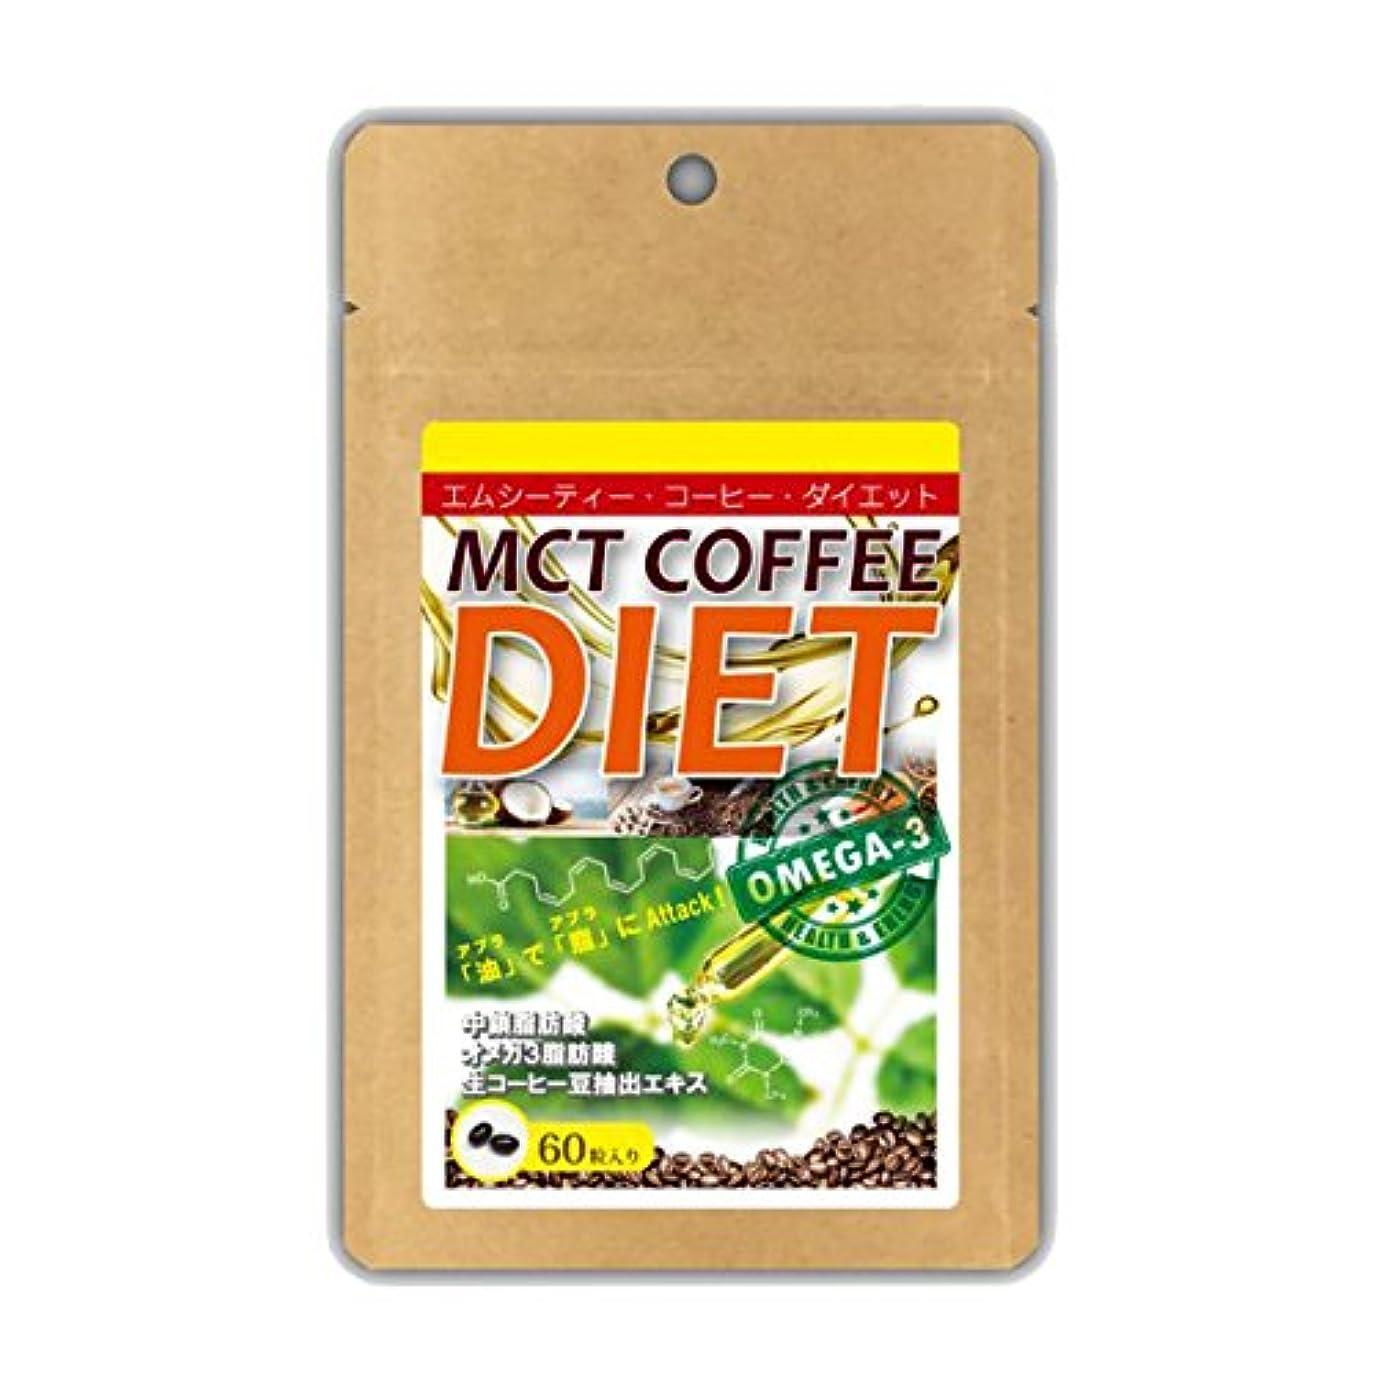 散る疑わしい回転させる【MCTオイル】MCTコーヒーダイエット 60カプセル入り